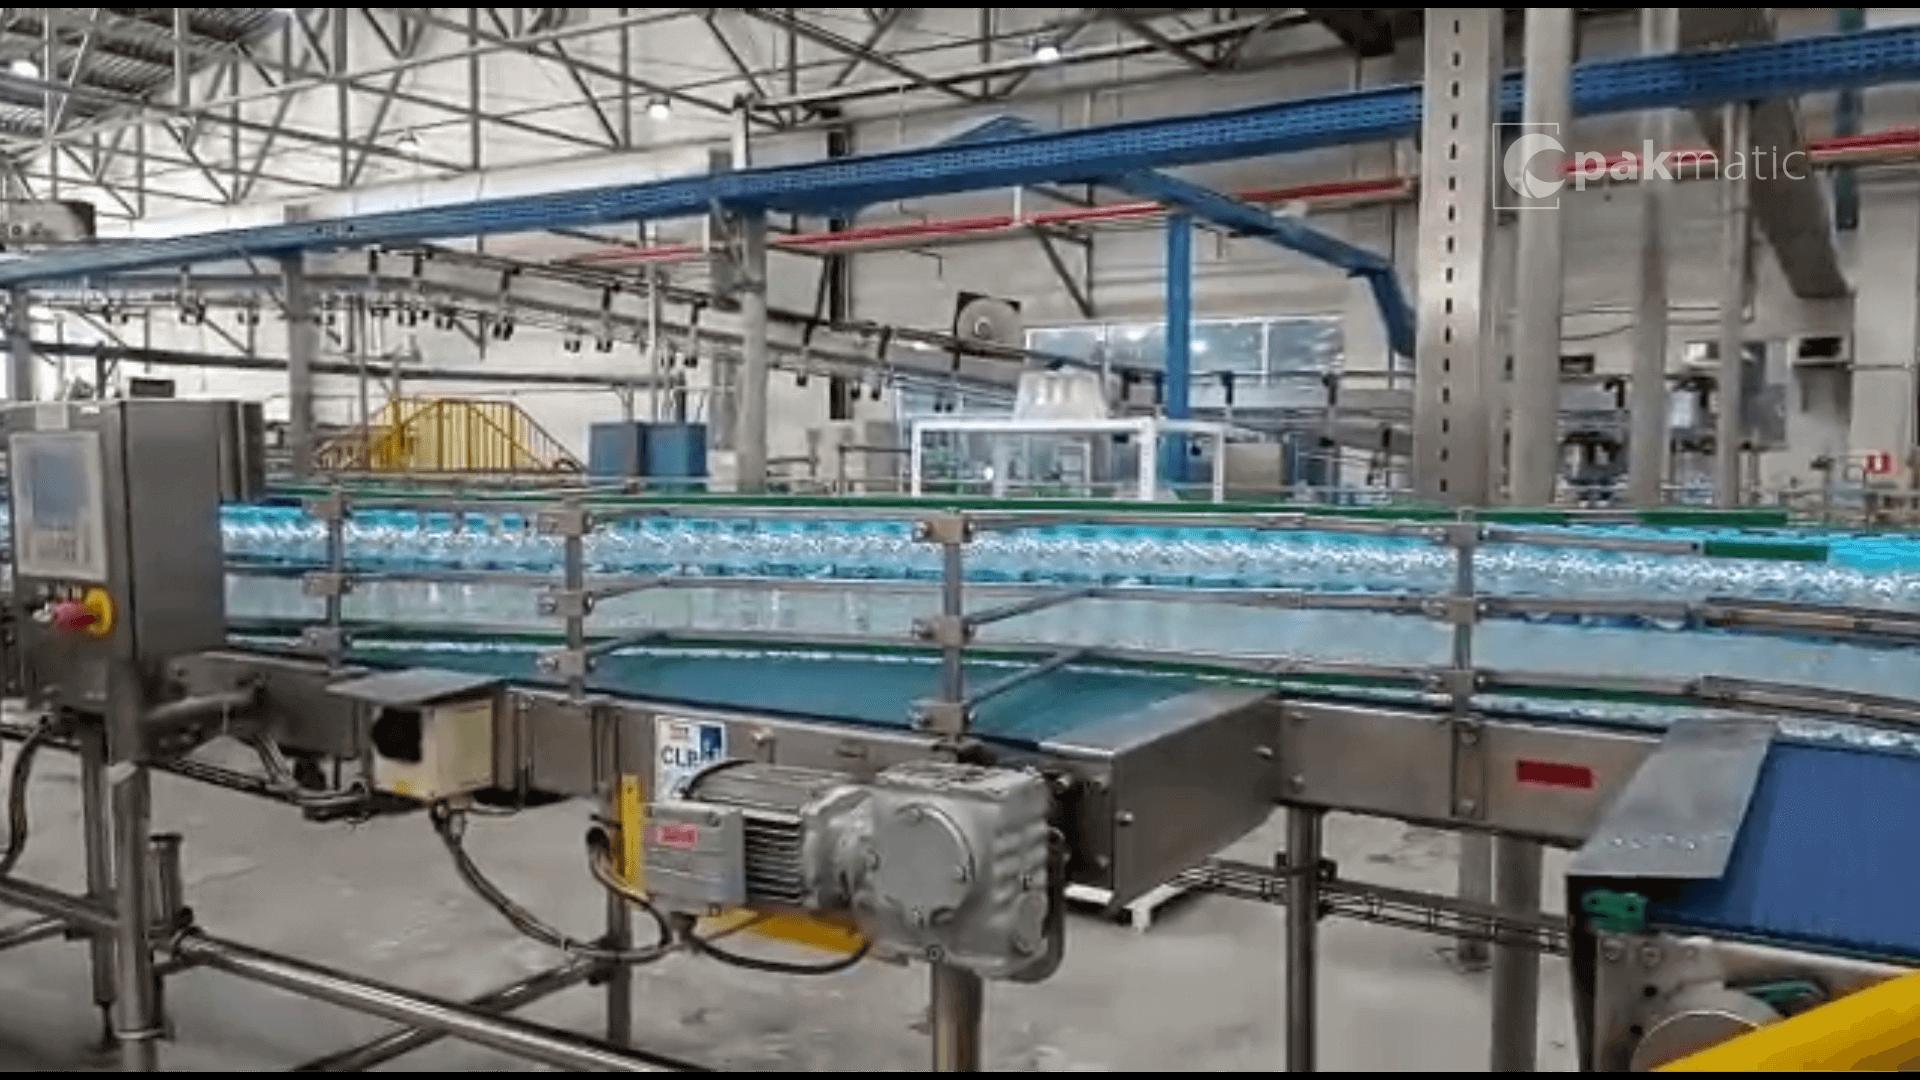 embaladora de garrafa pet de água mineral - fábrica - Mogi das cruzes - sp